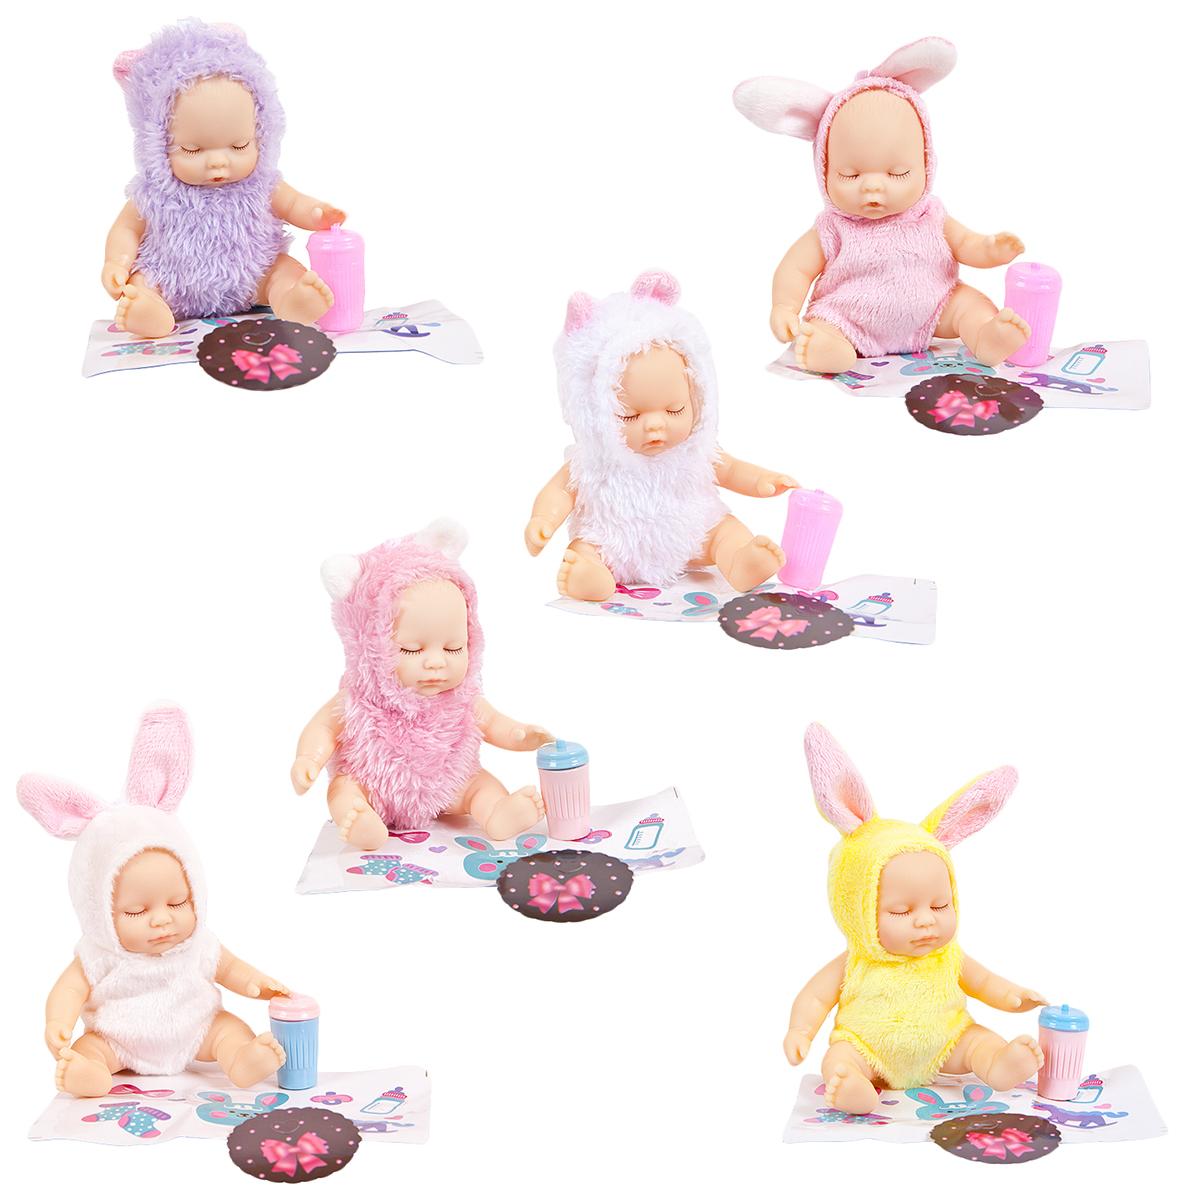 Пупс-куколка в конфетке, серия Baby boutique PT-01067/1 в ассортименте, ABtoys, Пупсы  - купить со скидкой